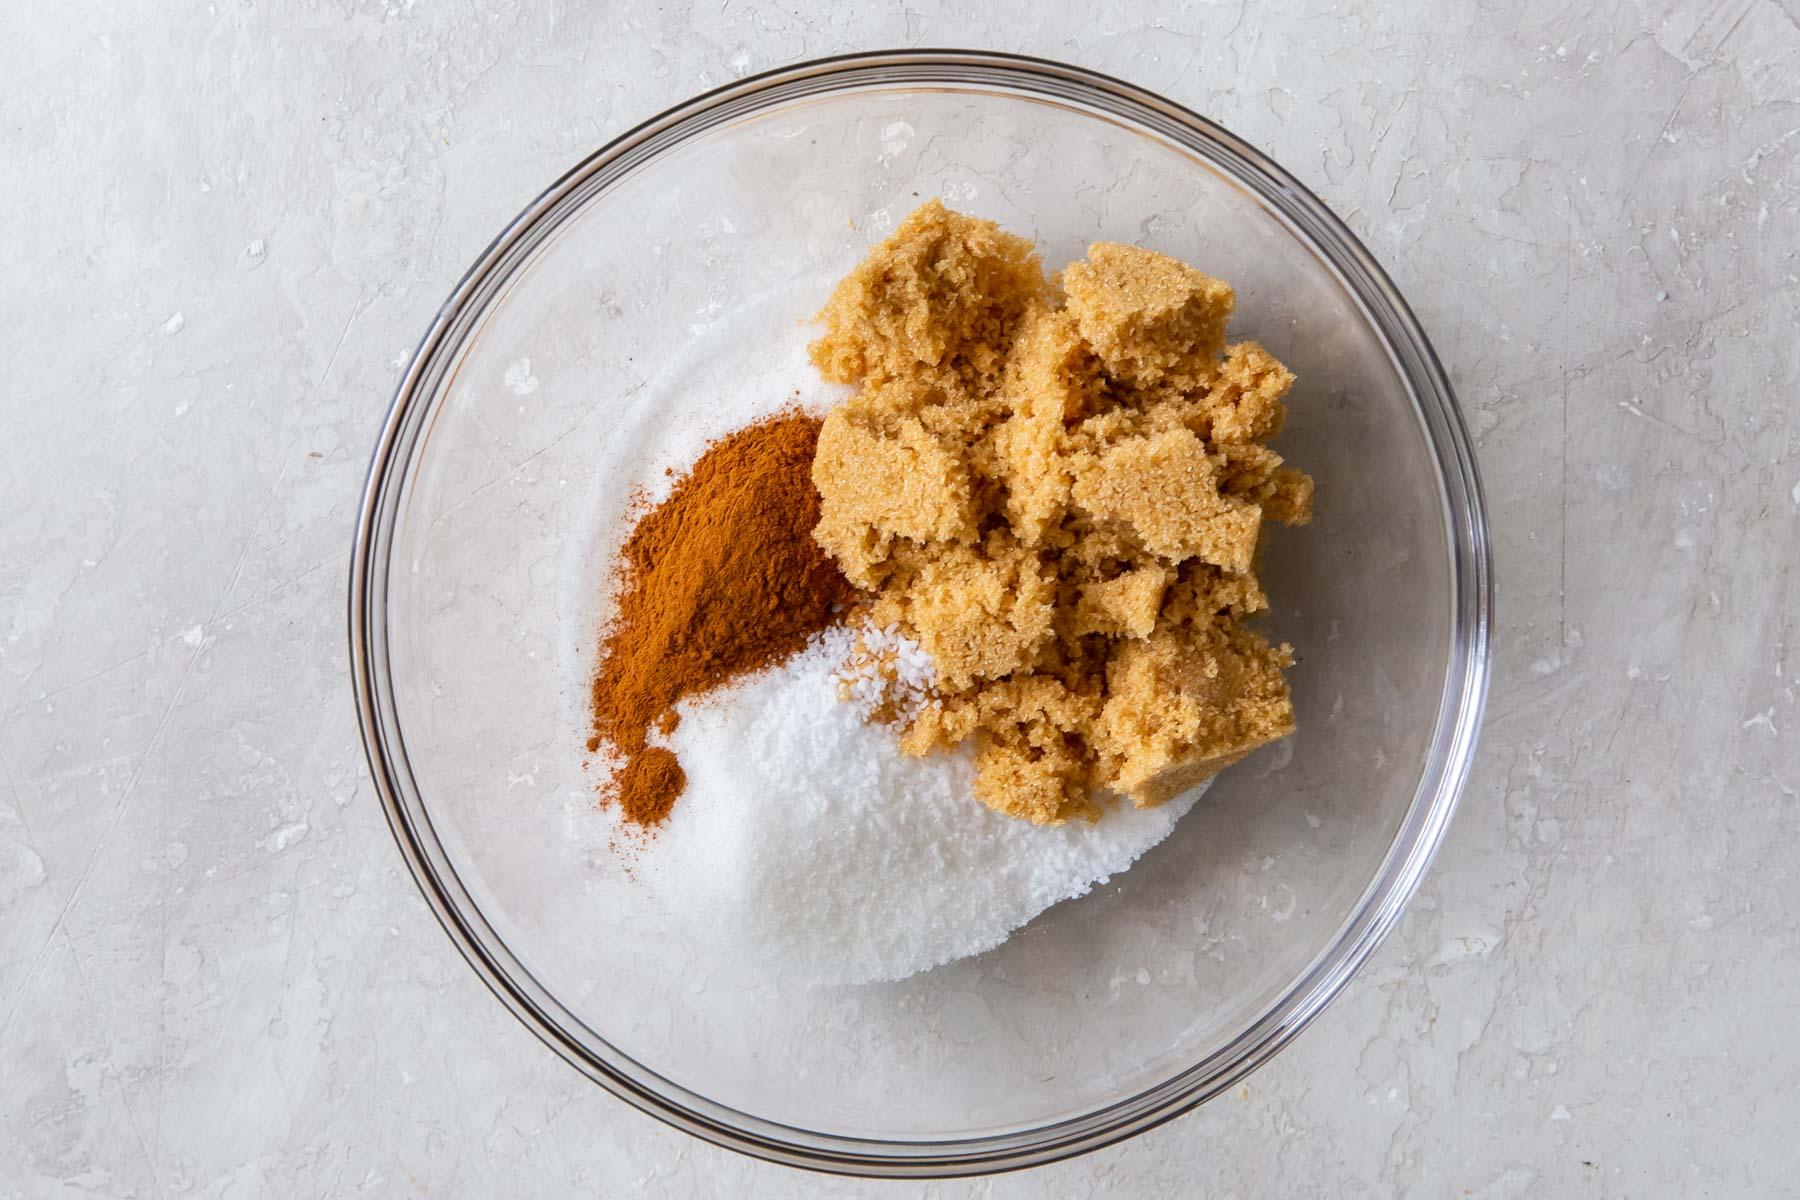 cinnamon sugar ingredients in a bowl